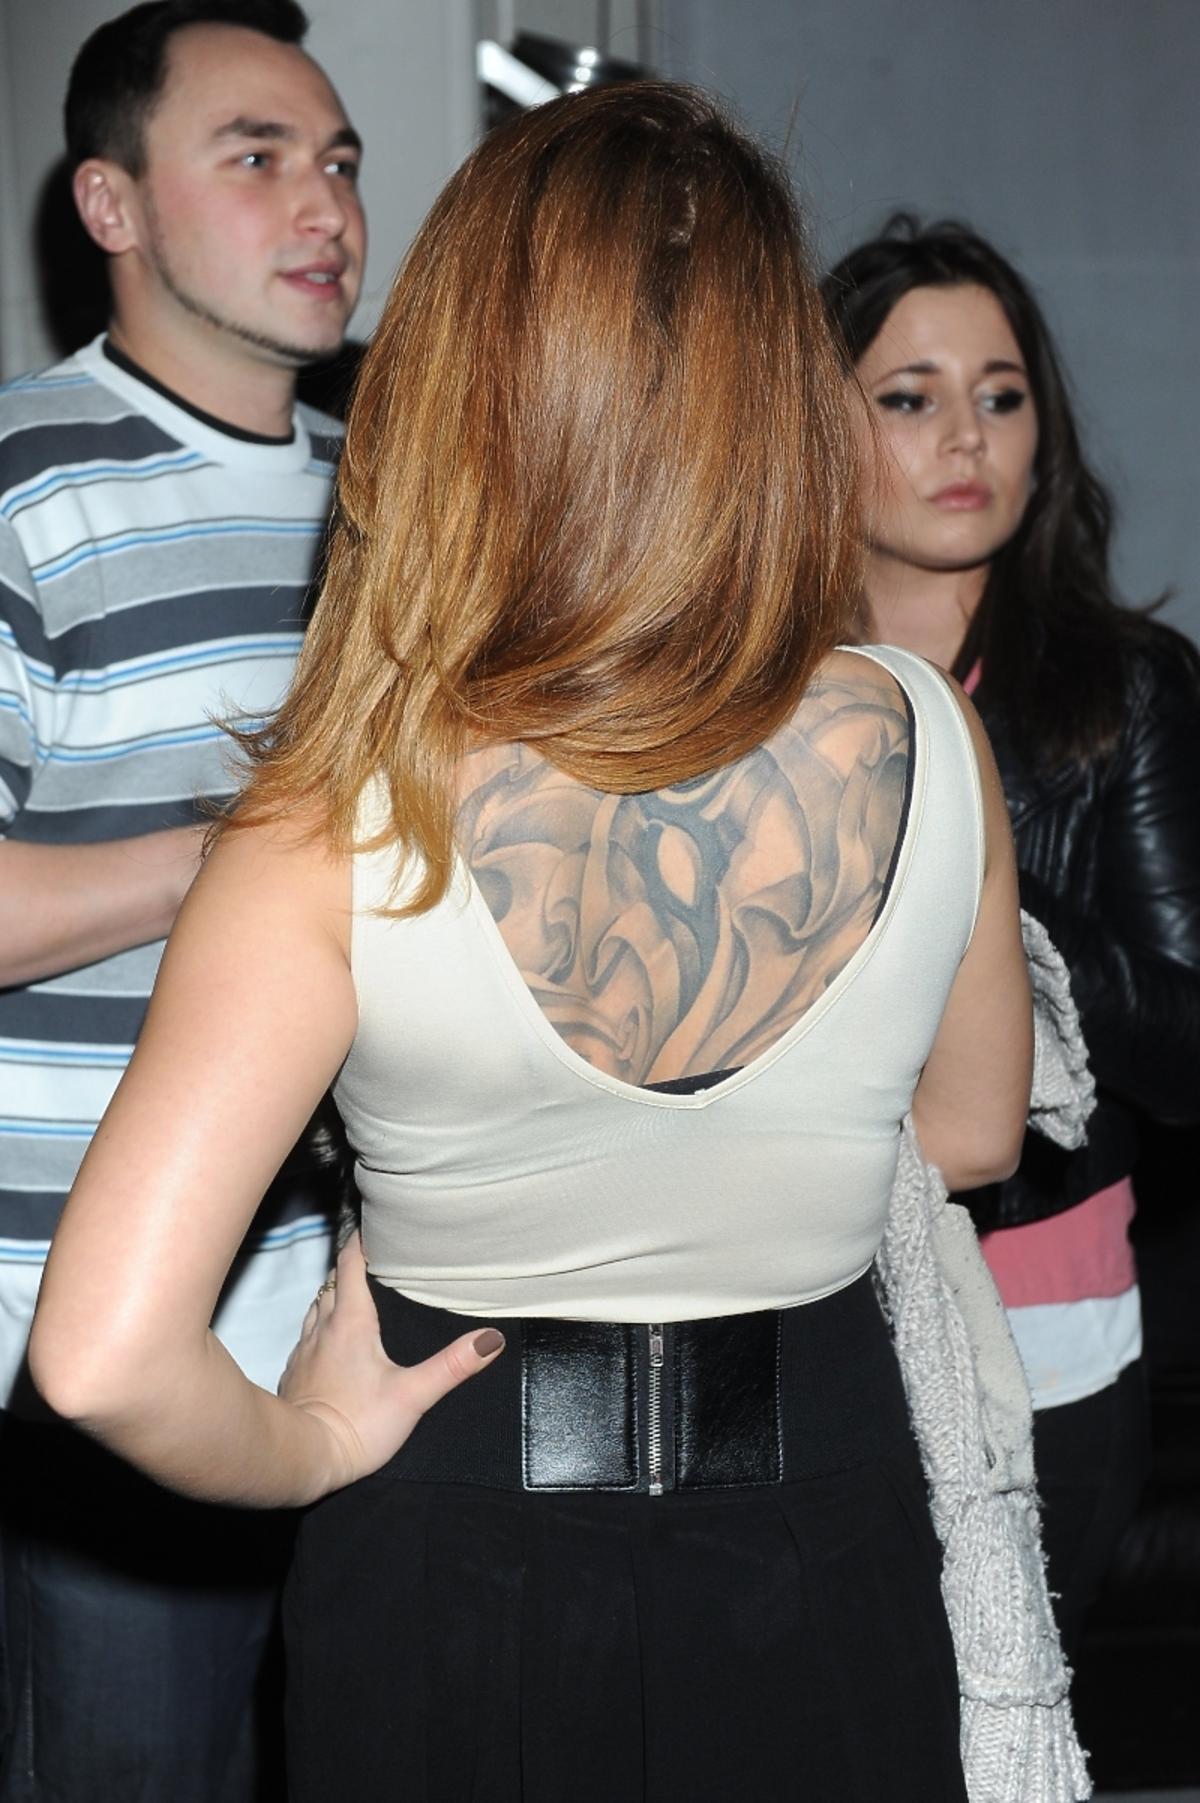 Kaja Paschalska tatuaż